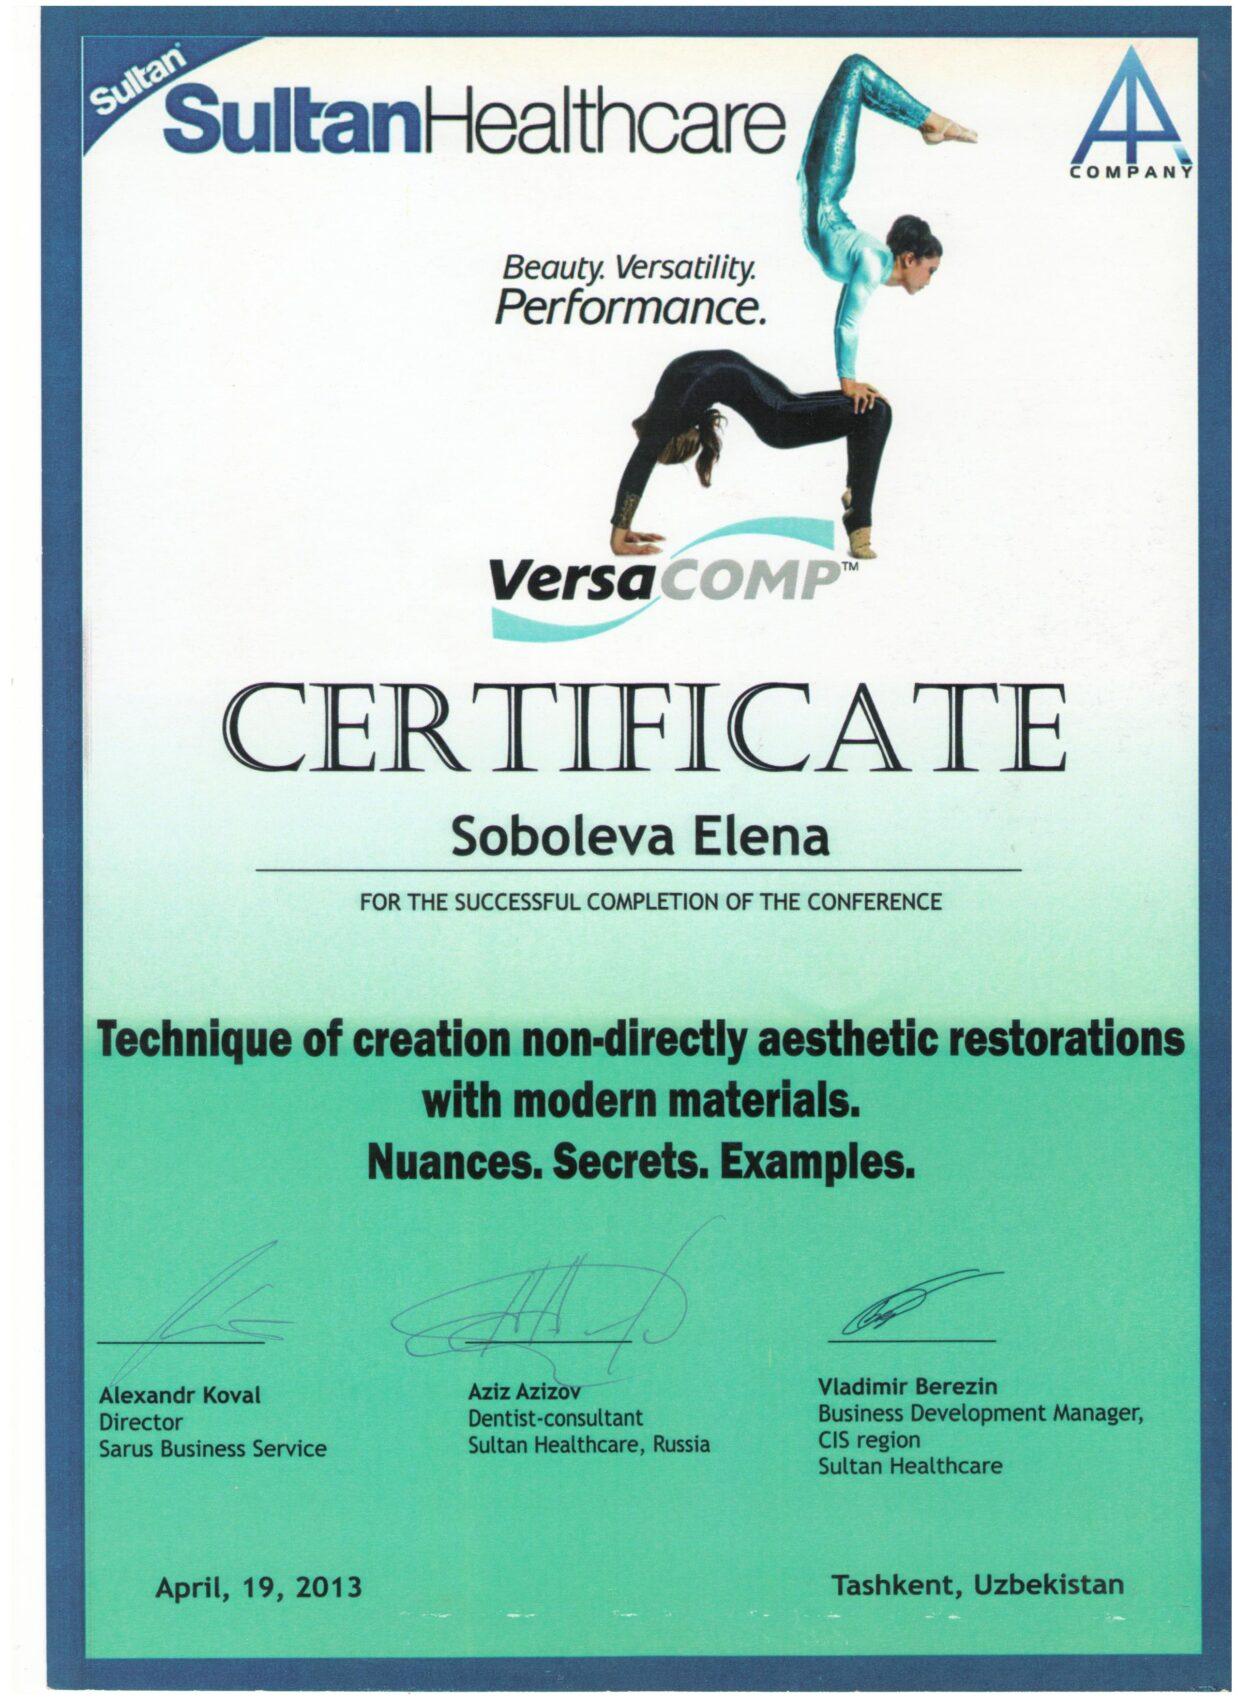 Соболева Елена Сергеевна - сертификат №2